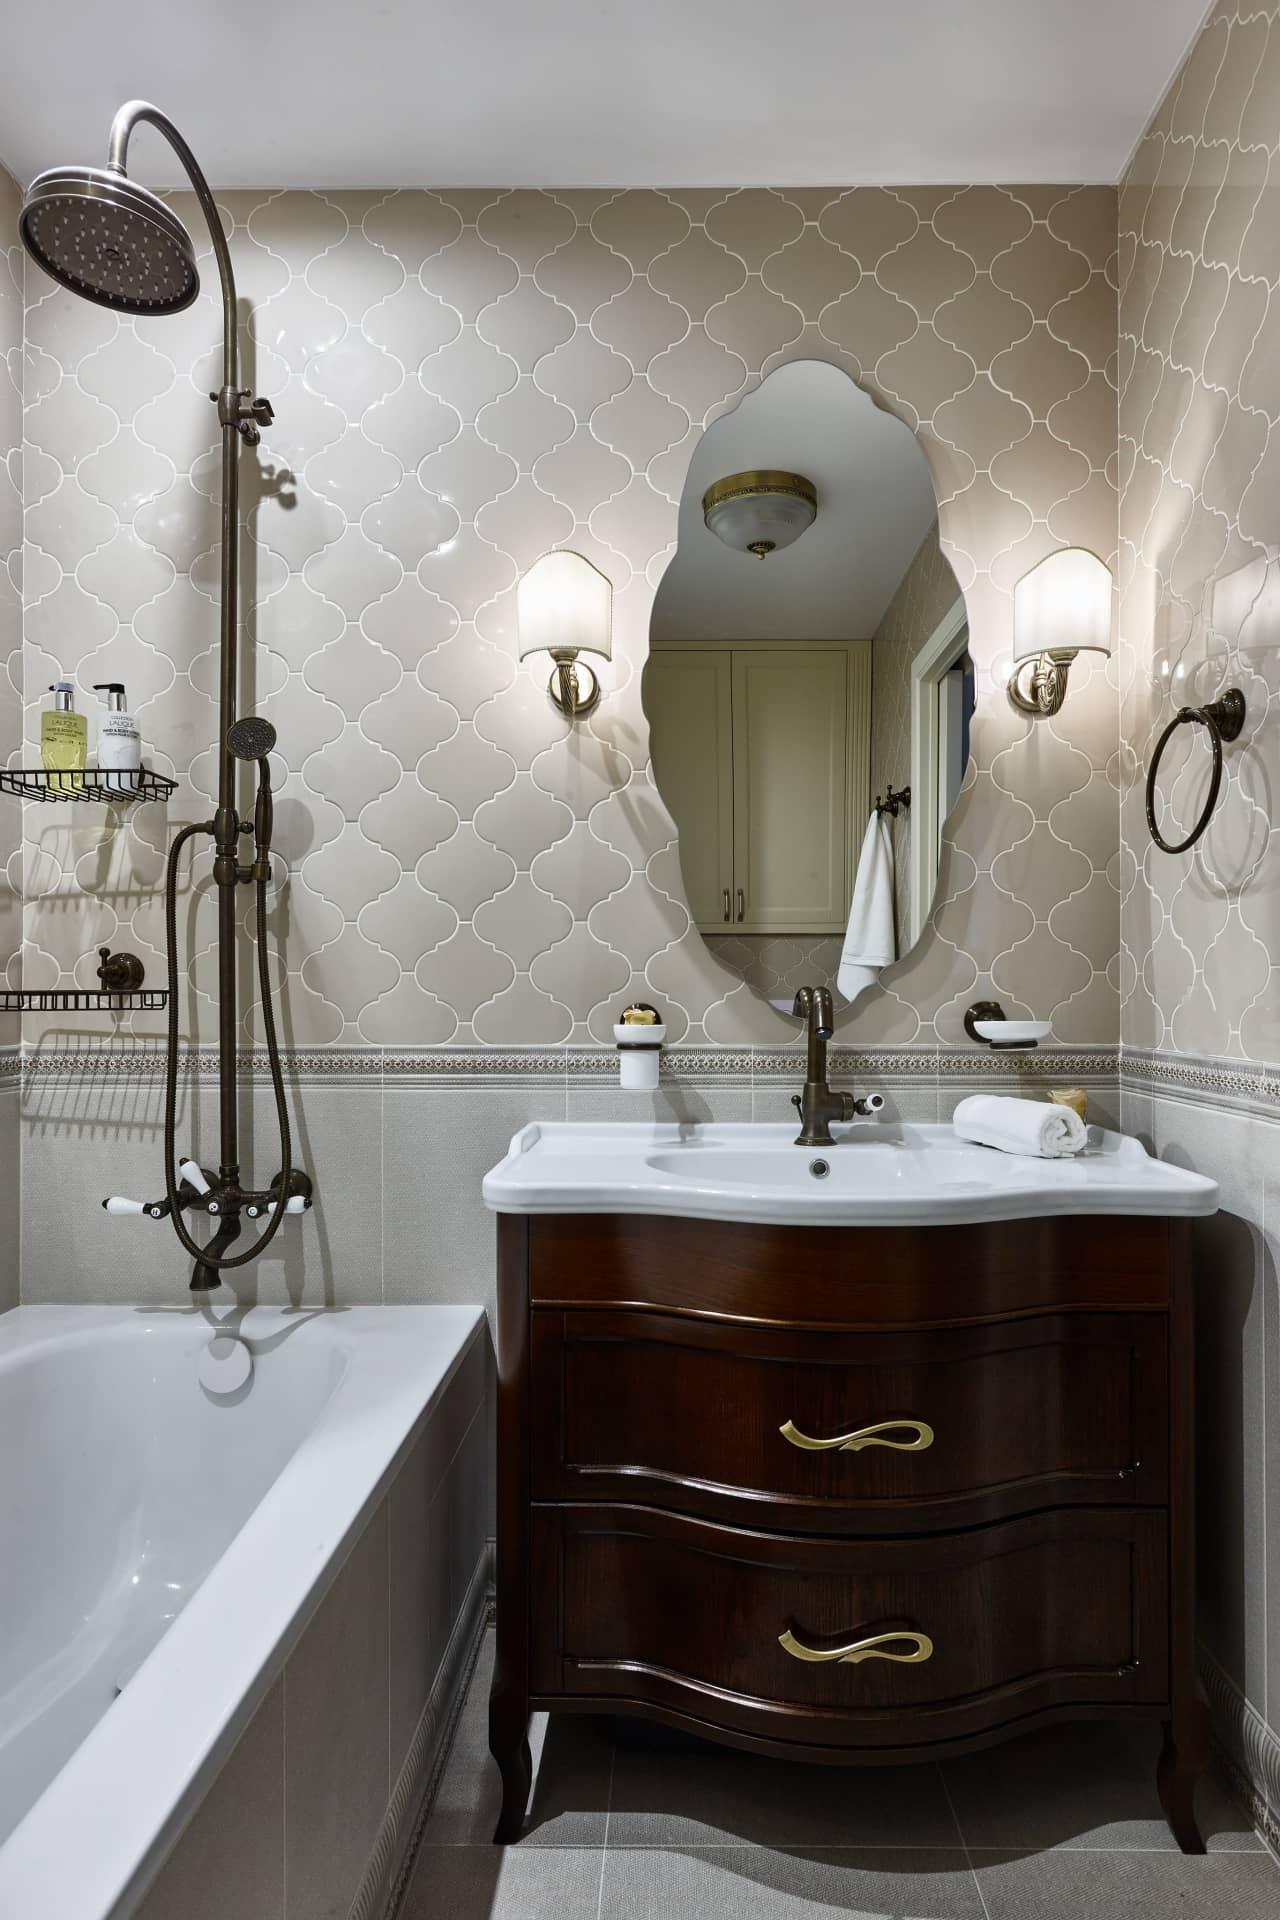 Ремонт ванной комнаты в квартире в Москве